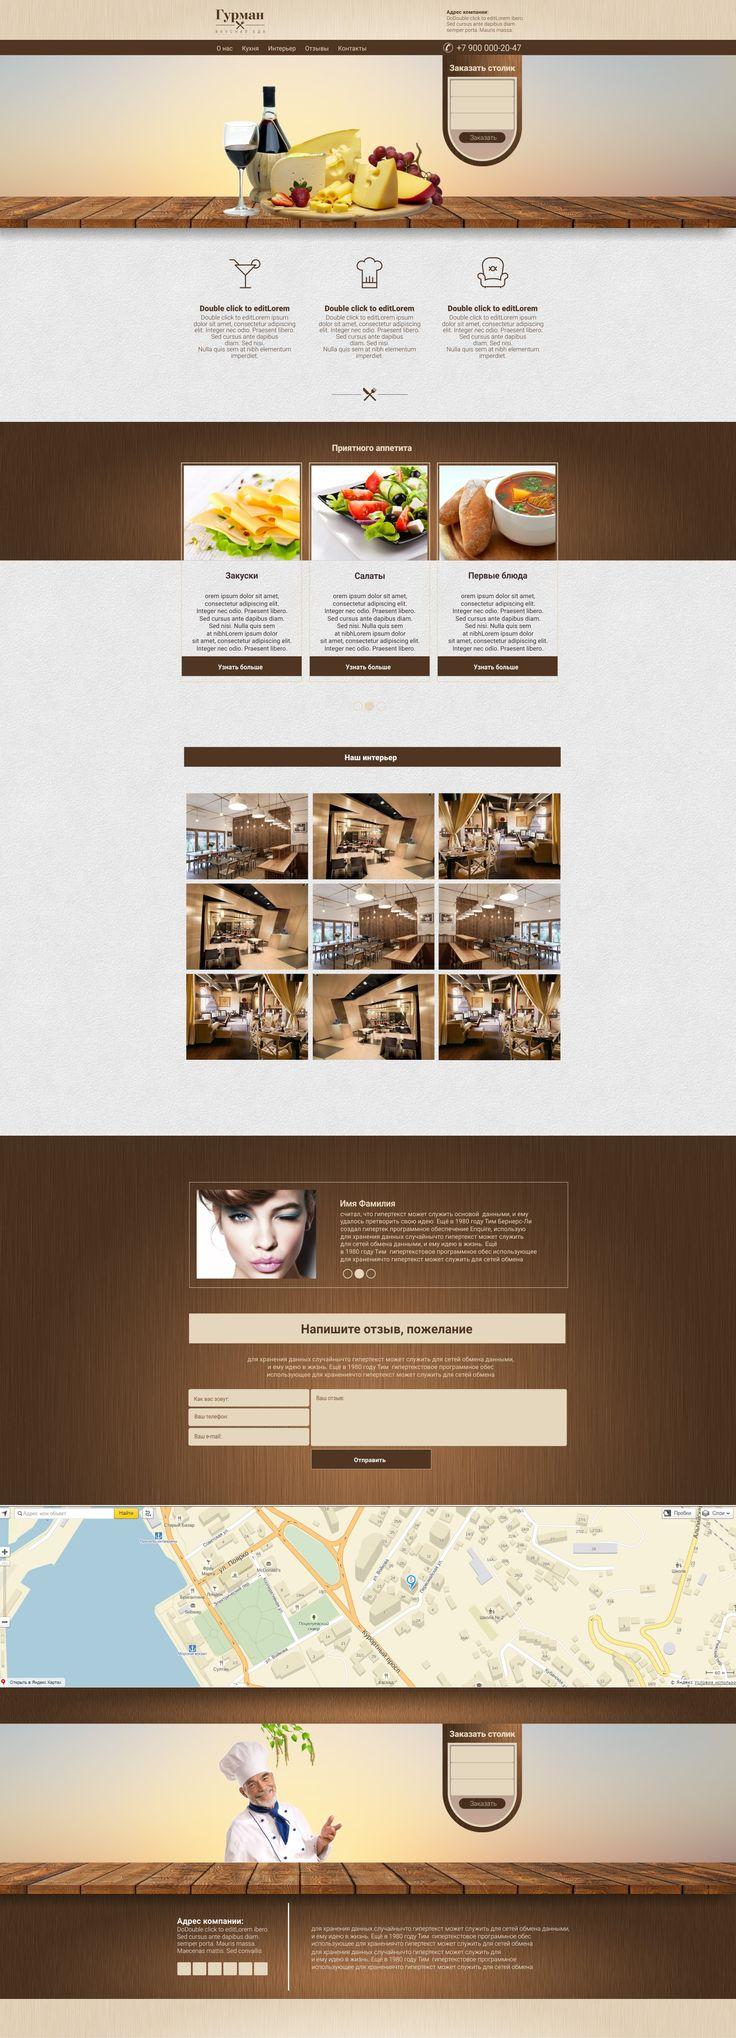 Макеты сайтов для вашего бизнеса. http://green-laboratory.com/vibor_shablona_sajtov.html